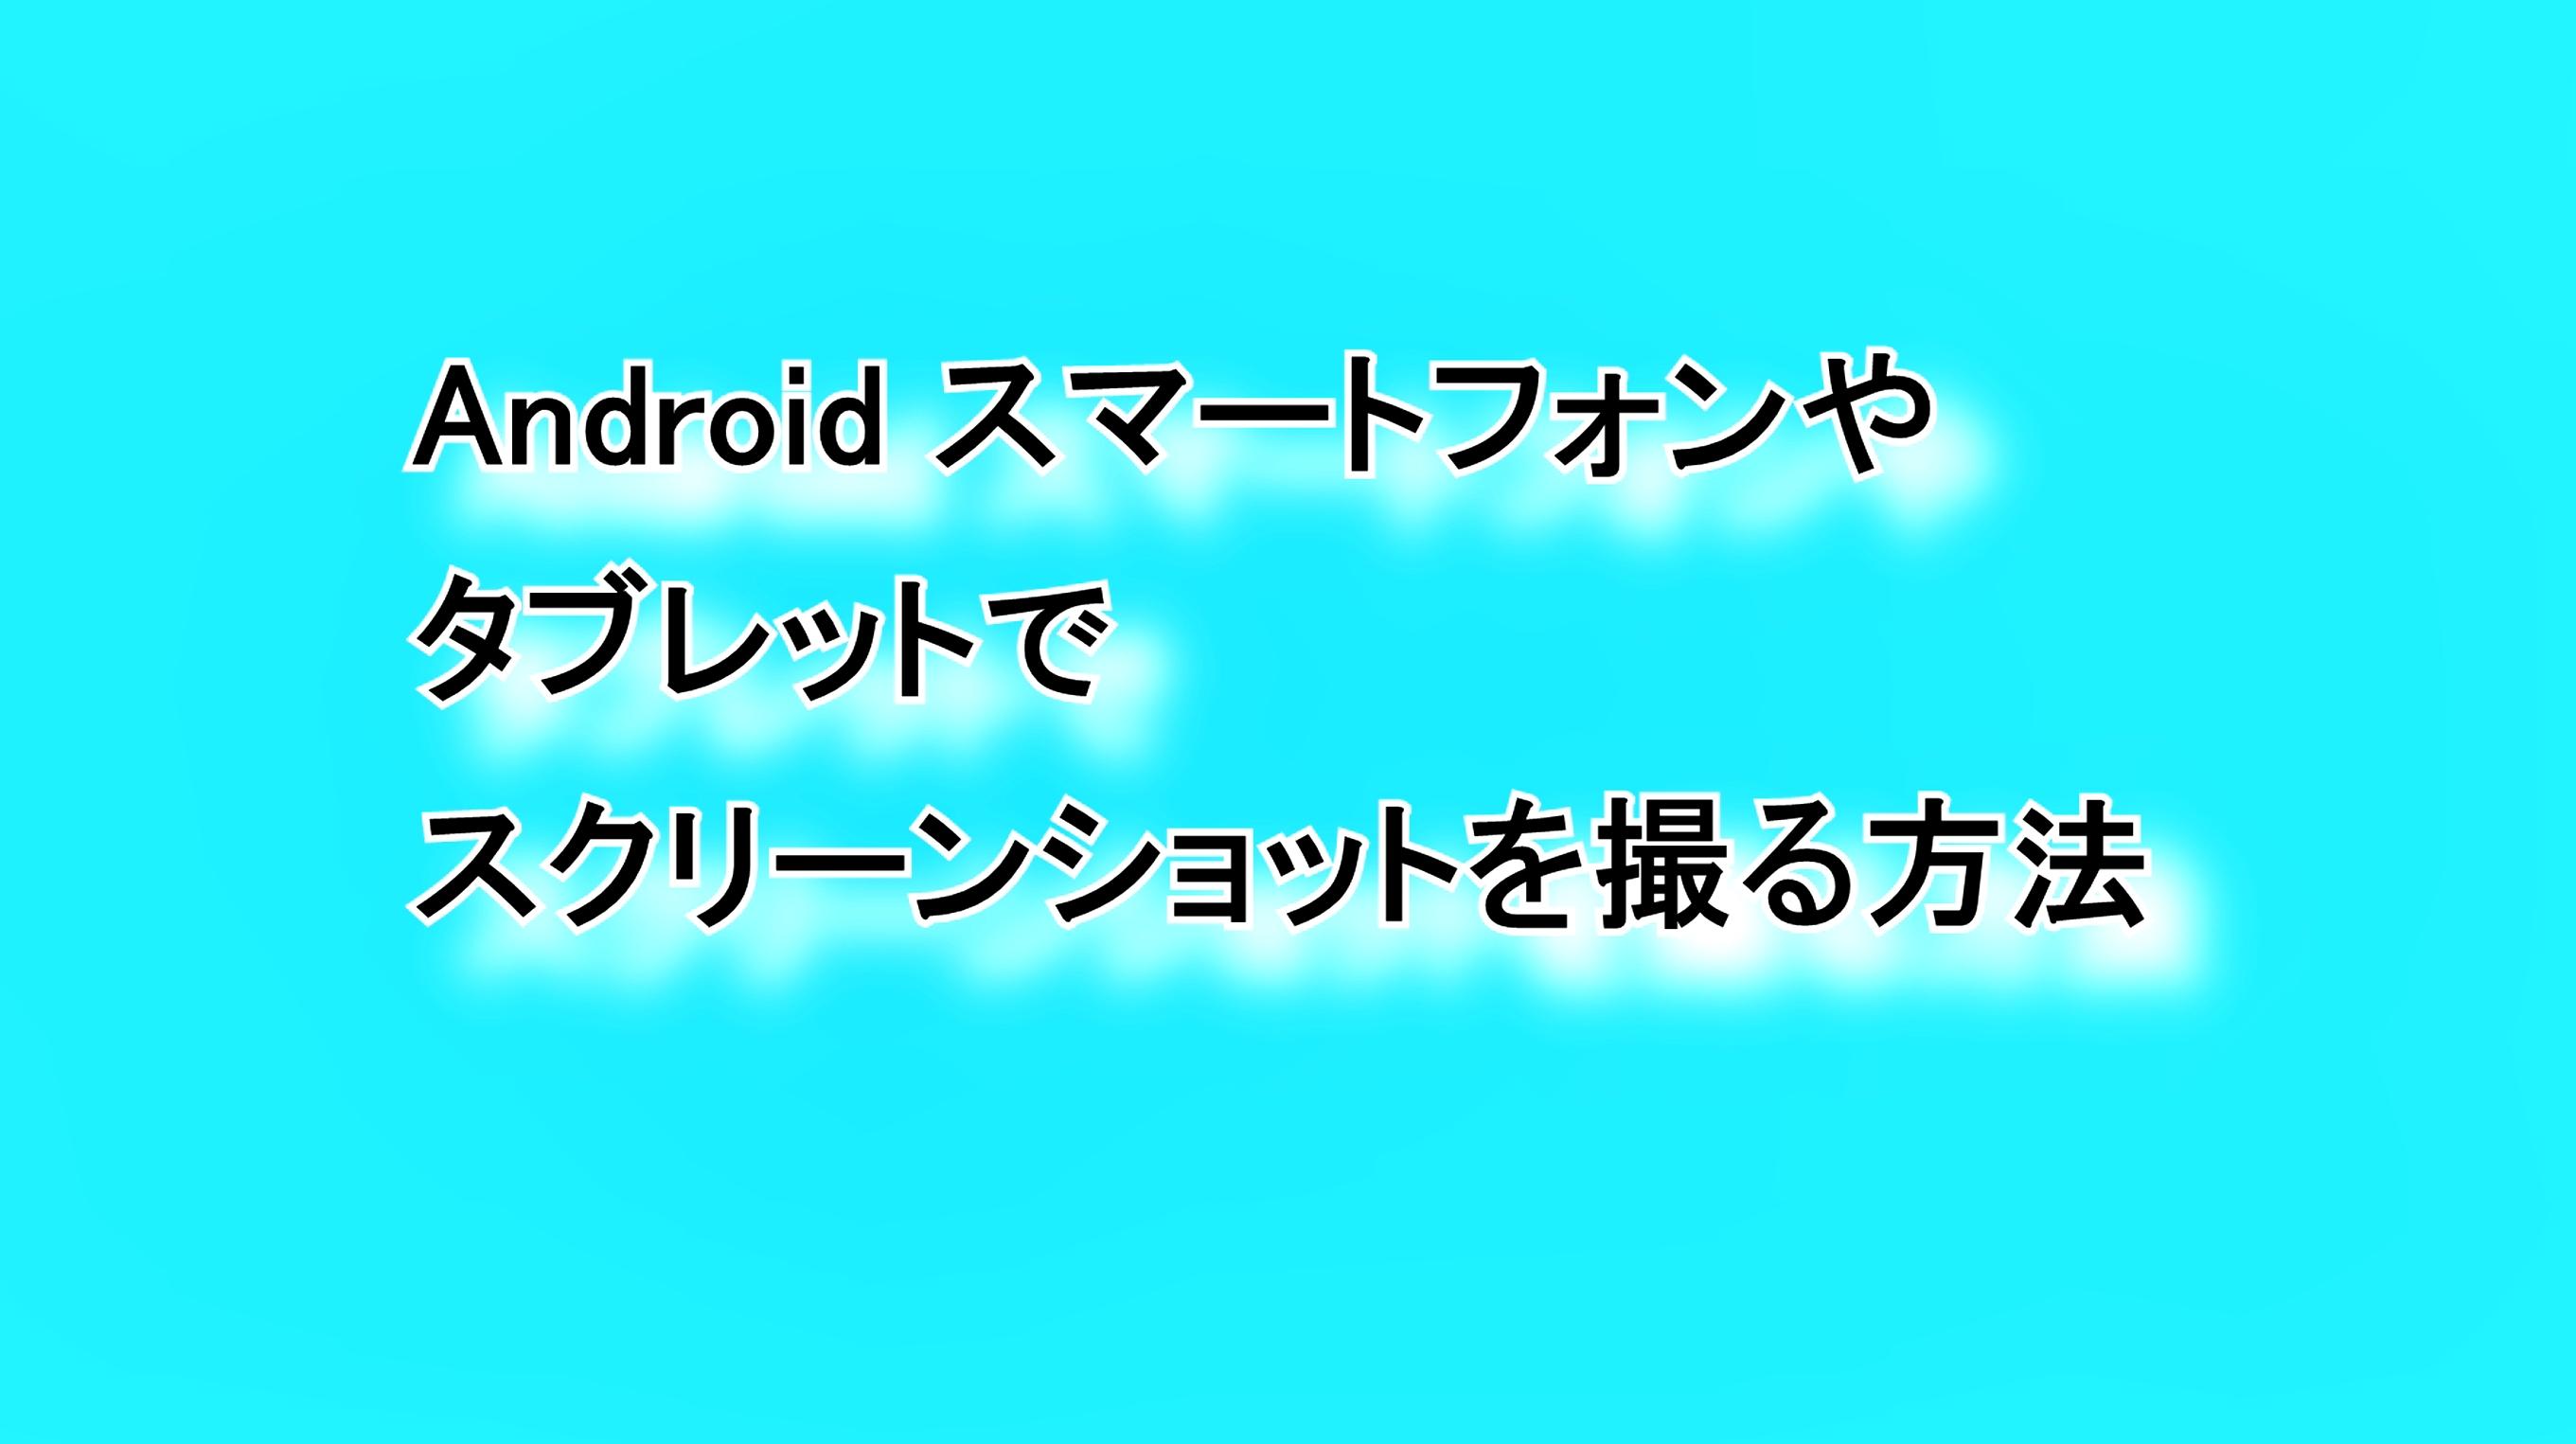 Androidスマートフォンやタブレットでスクリーンショットを撮る方法